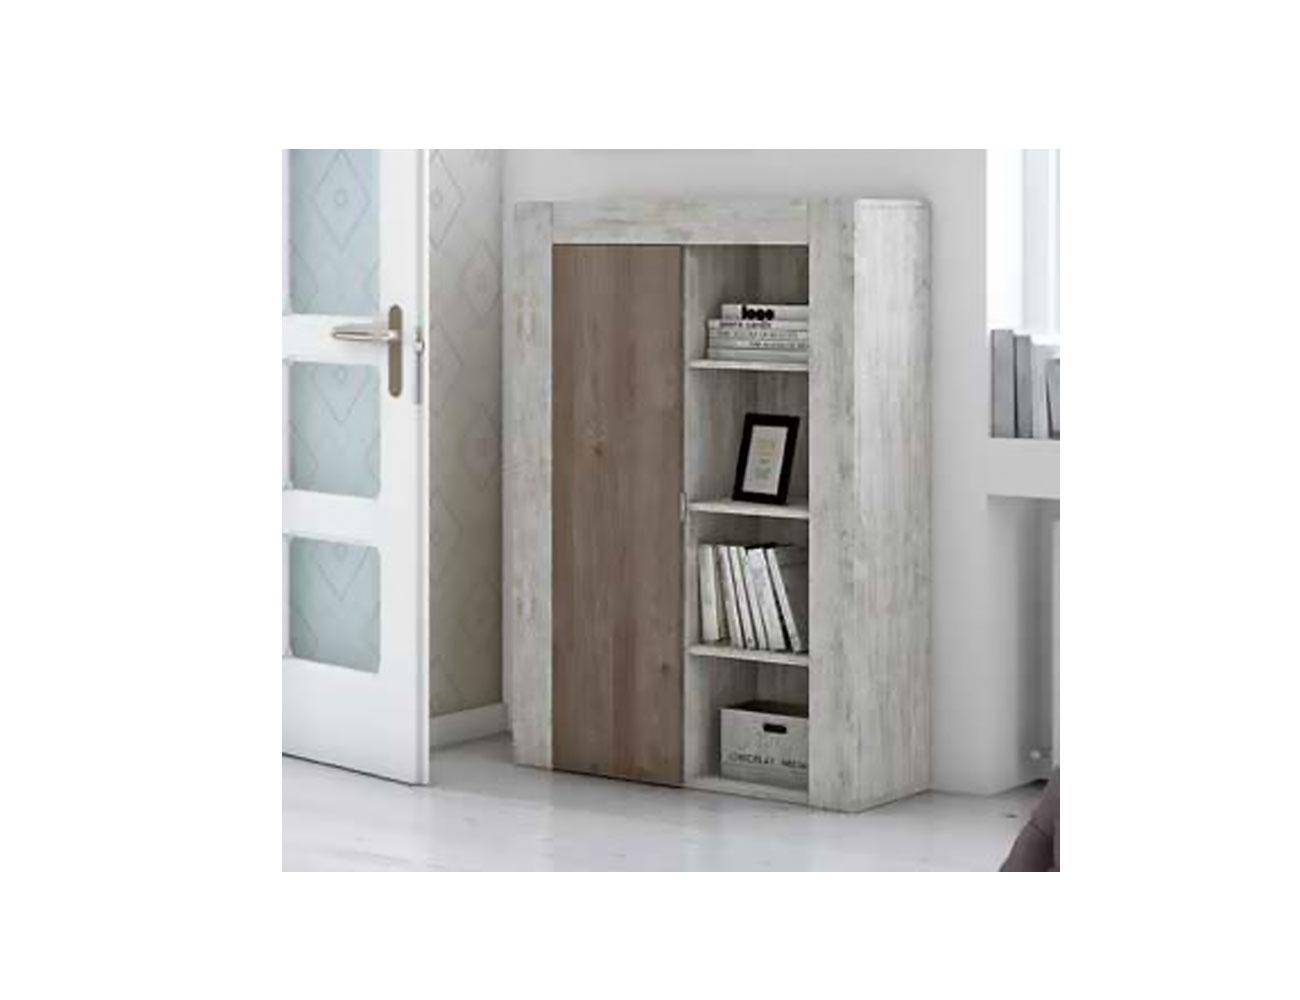 Bodeguero 1p 3 estantes izdo xl1